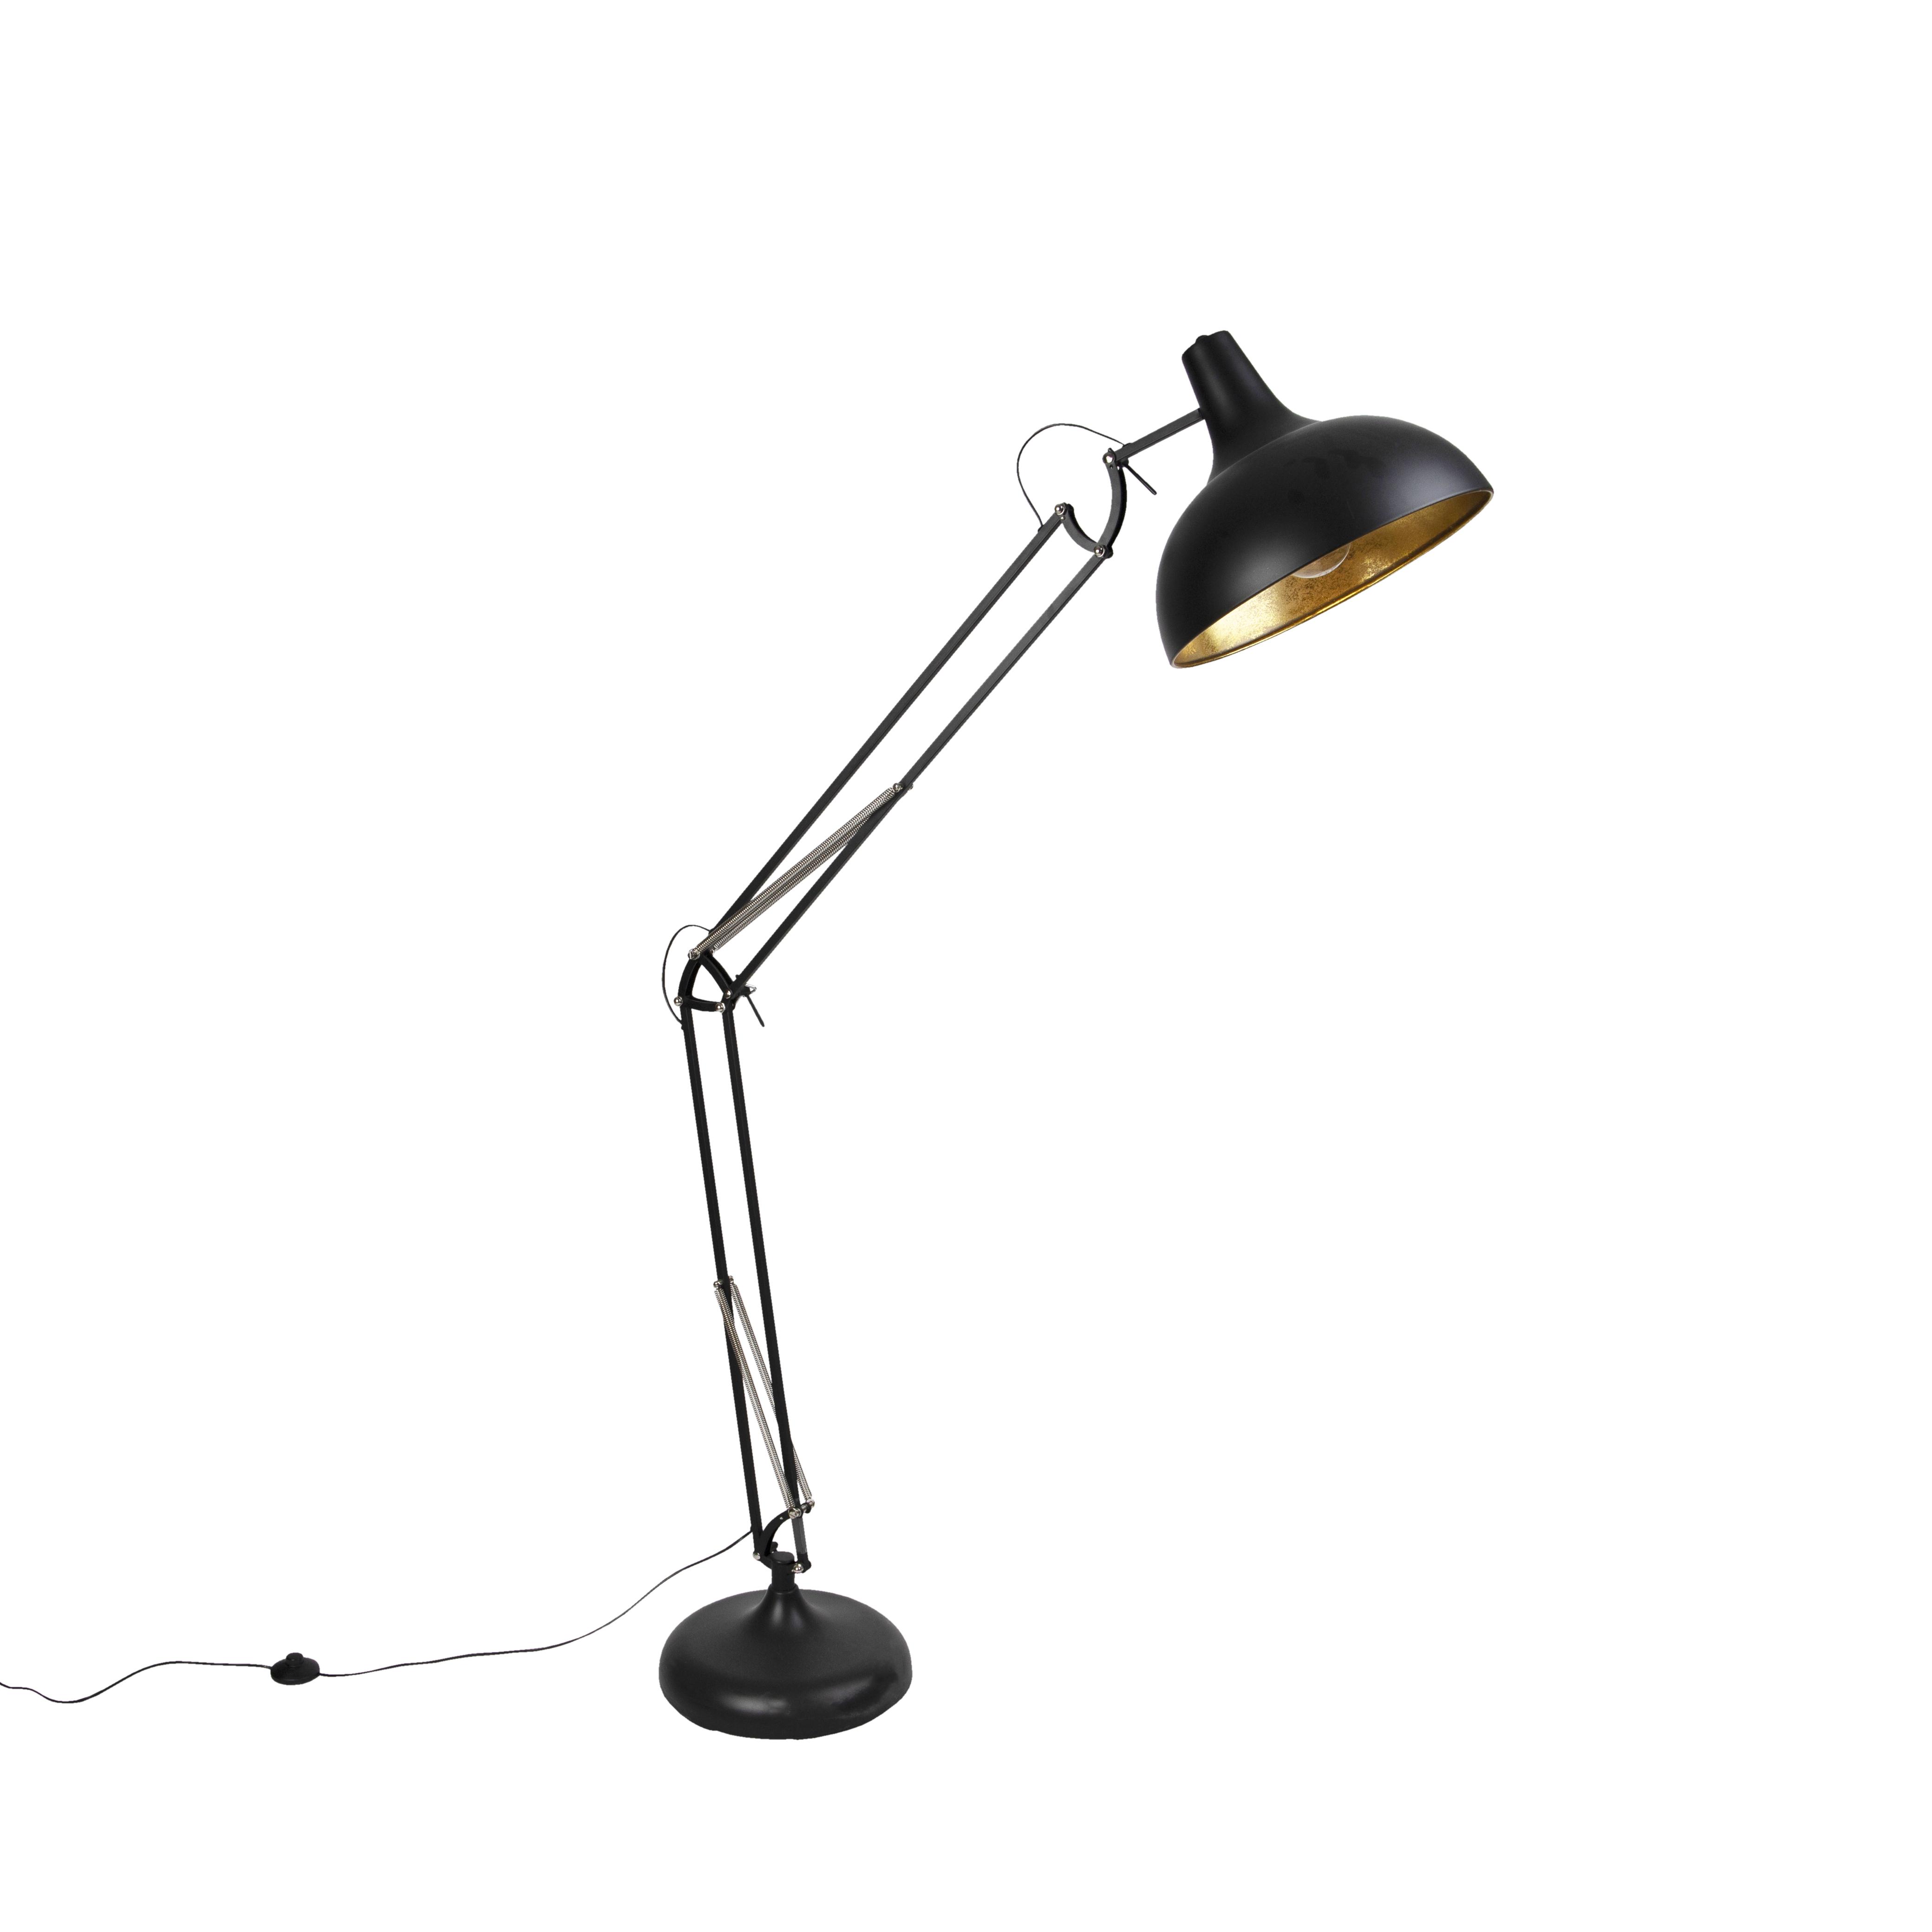 Industri�le vloerlamp zwart met goud verstelbaar - Hobby